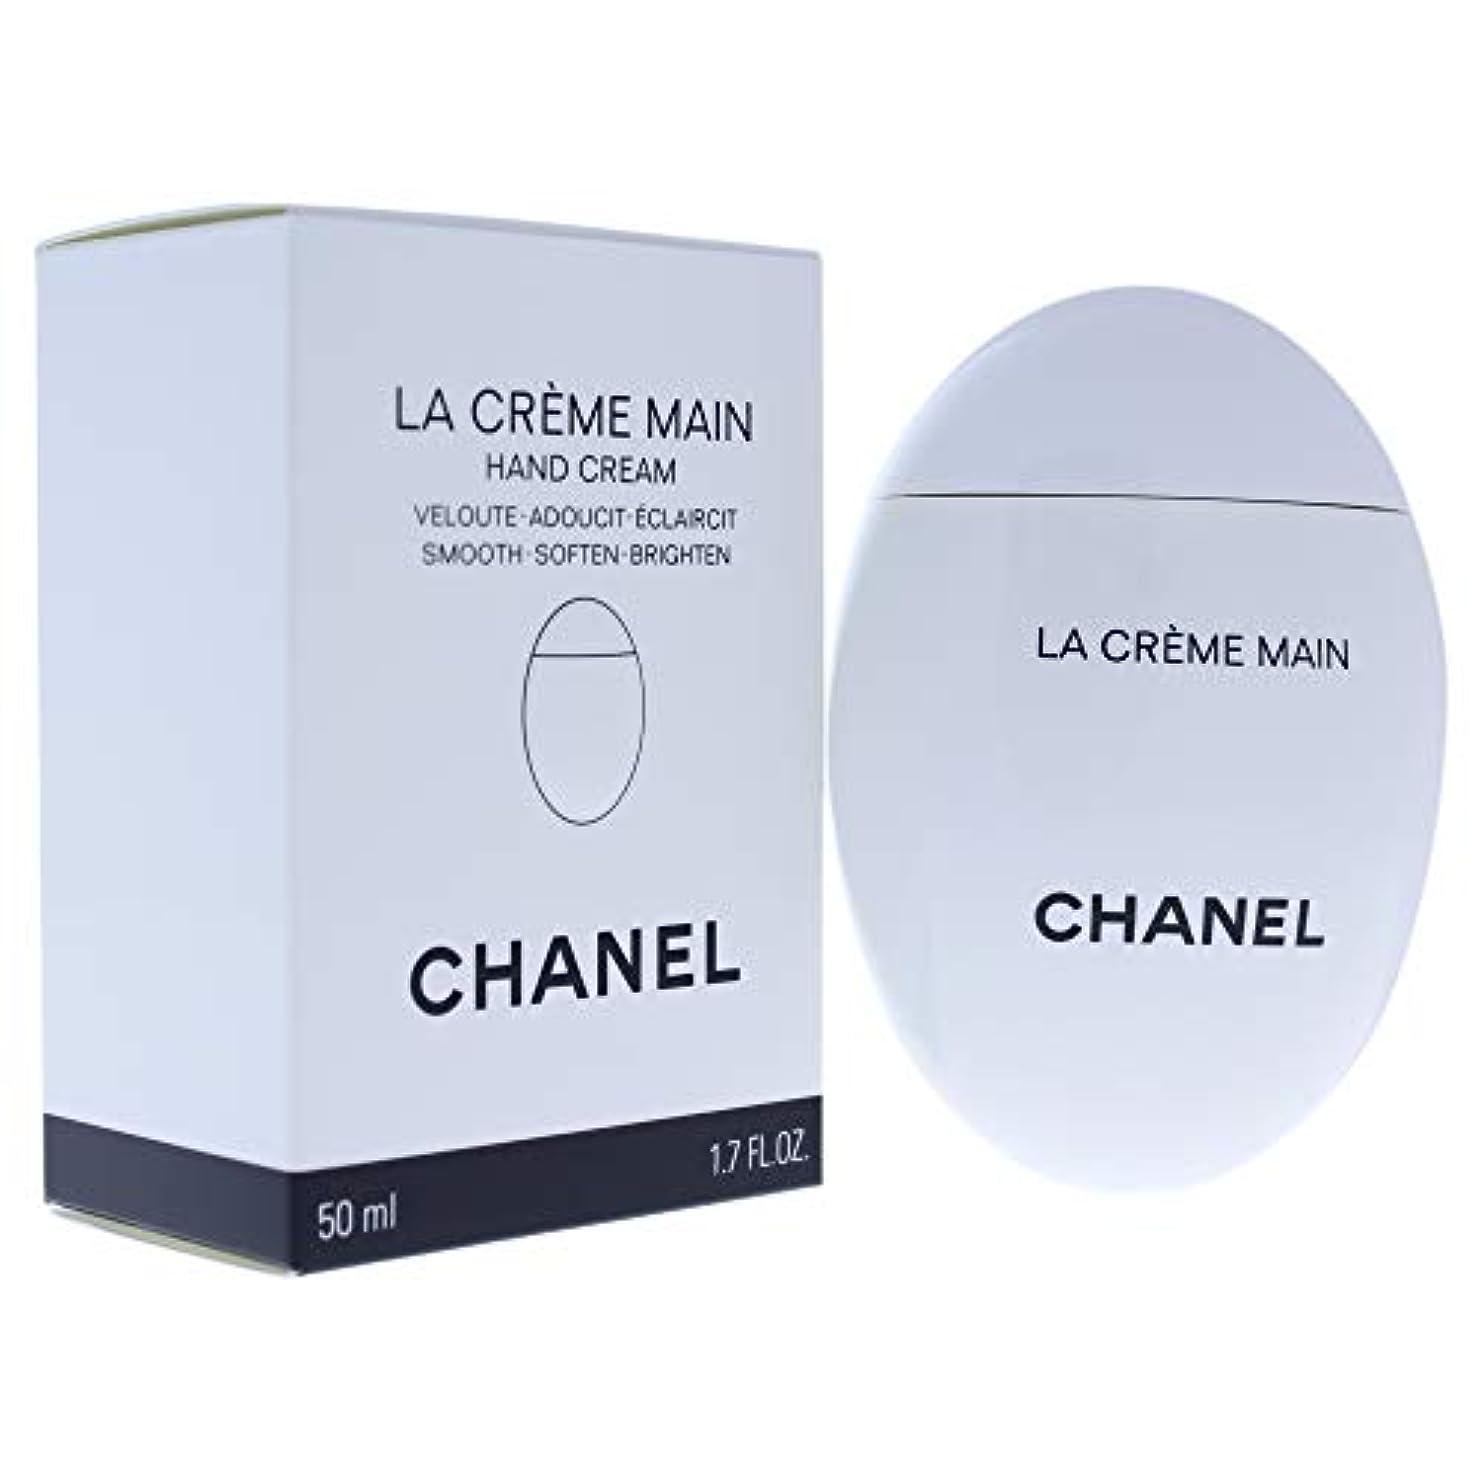 ベンチャー出会い繰り返したCHANEL LA CRÈME MAIN シャネル ラ クレーム マン ハンドクリーム 50ml